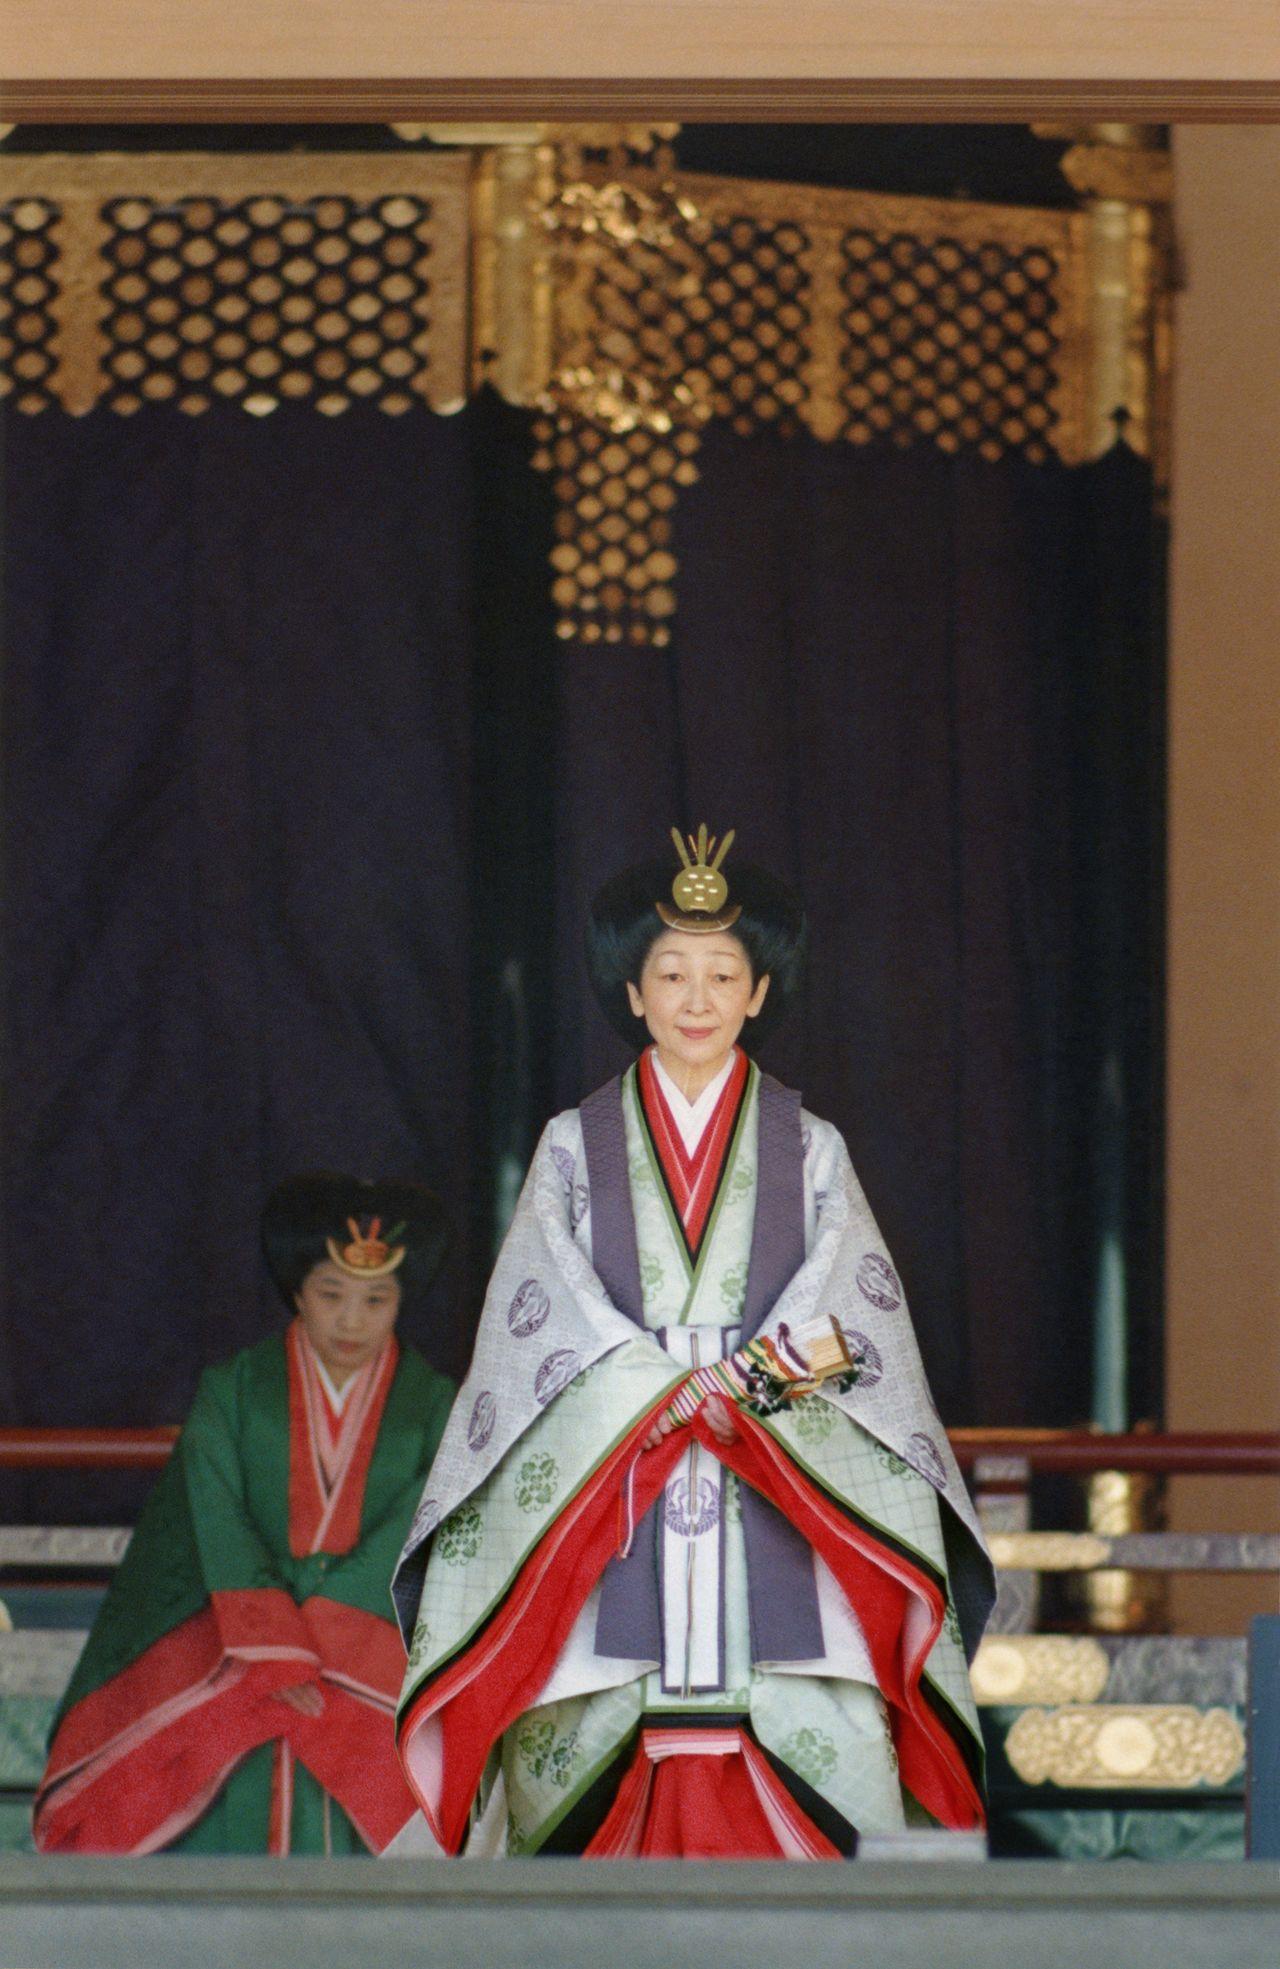 Императрица Митико (нынешняя почётная императрица) в церемониальной одежде дзюнихитоэ во время церемонии Сокуирэй Сэйдэн-но ги. Одежда дзюнихитоэ включает в себя кимоно типов ицуцугину, карагину, мо. Волосы уложены в причёску осубэракаси и украшены золотой заколкой сайси. 12 ноября 1990 г., зал Мацу-но ма (Jiji Press)